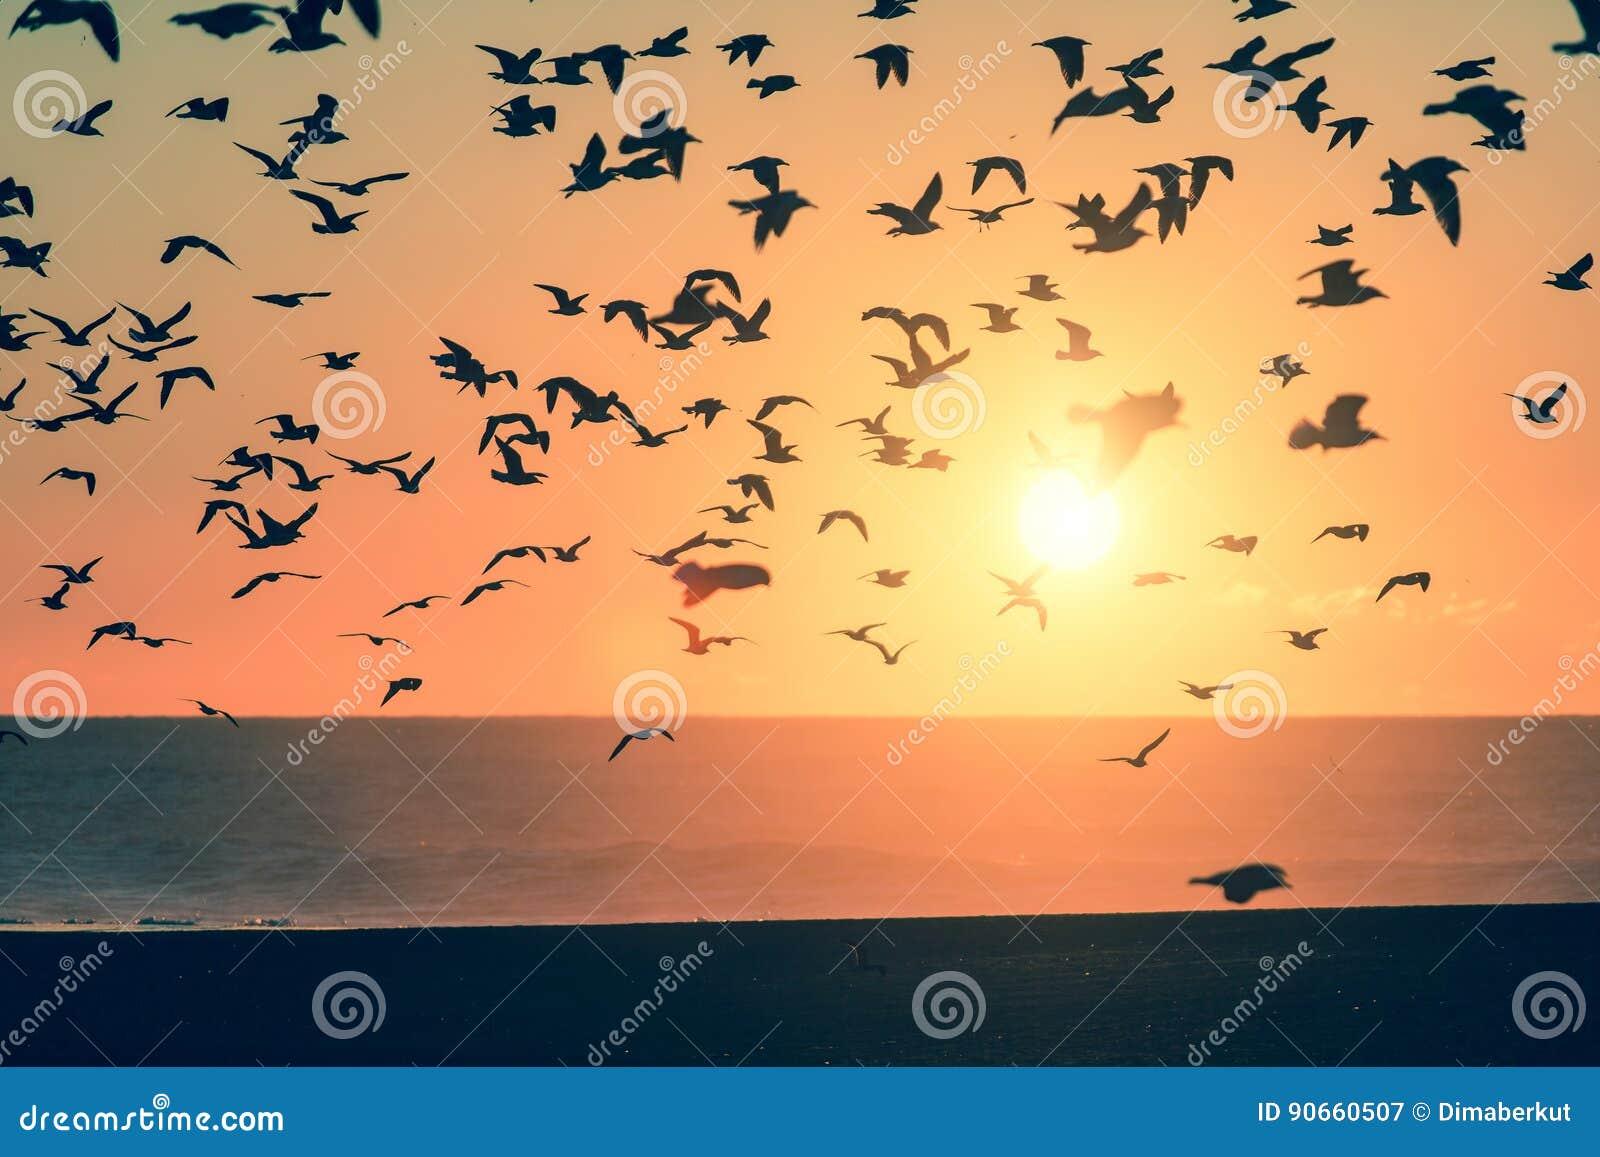 Konturfåglar över havet under solnedgång